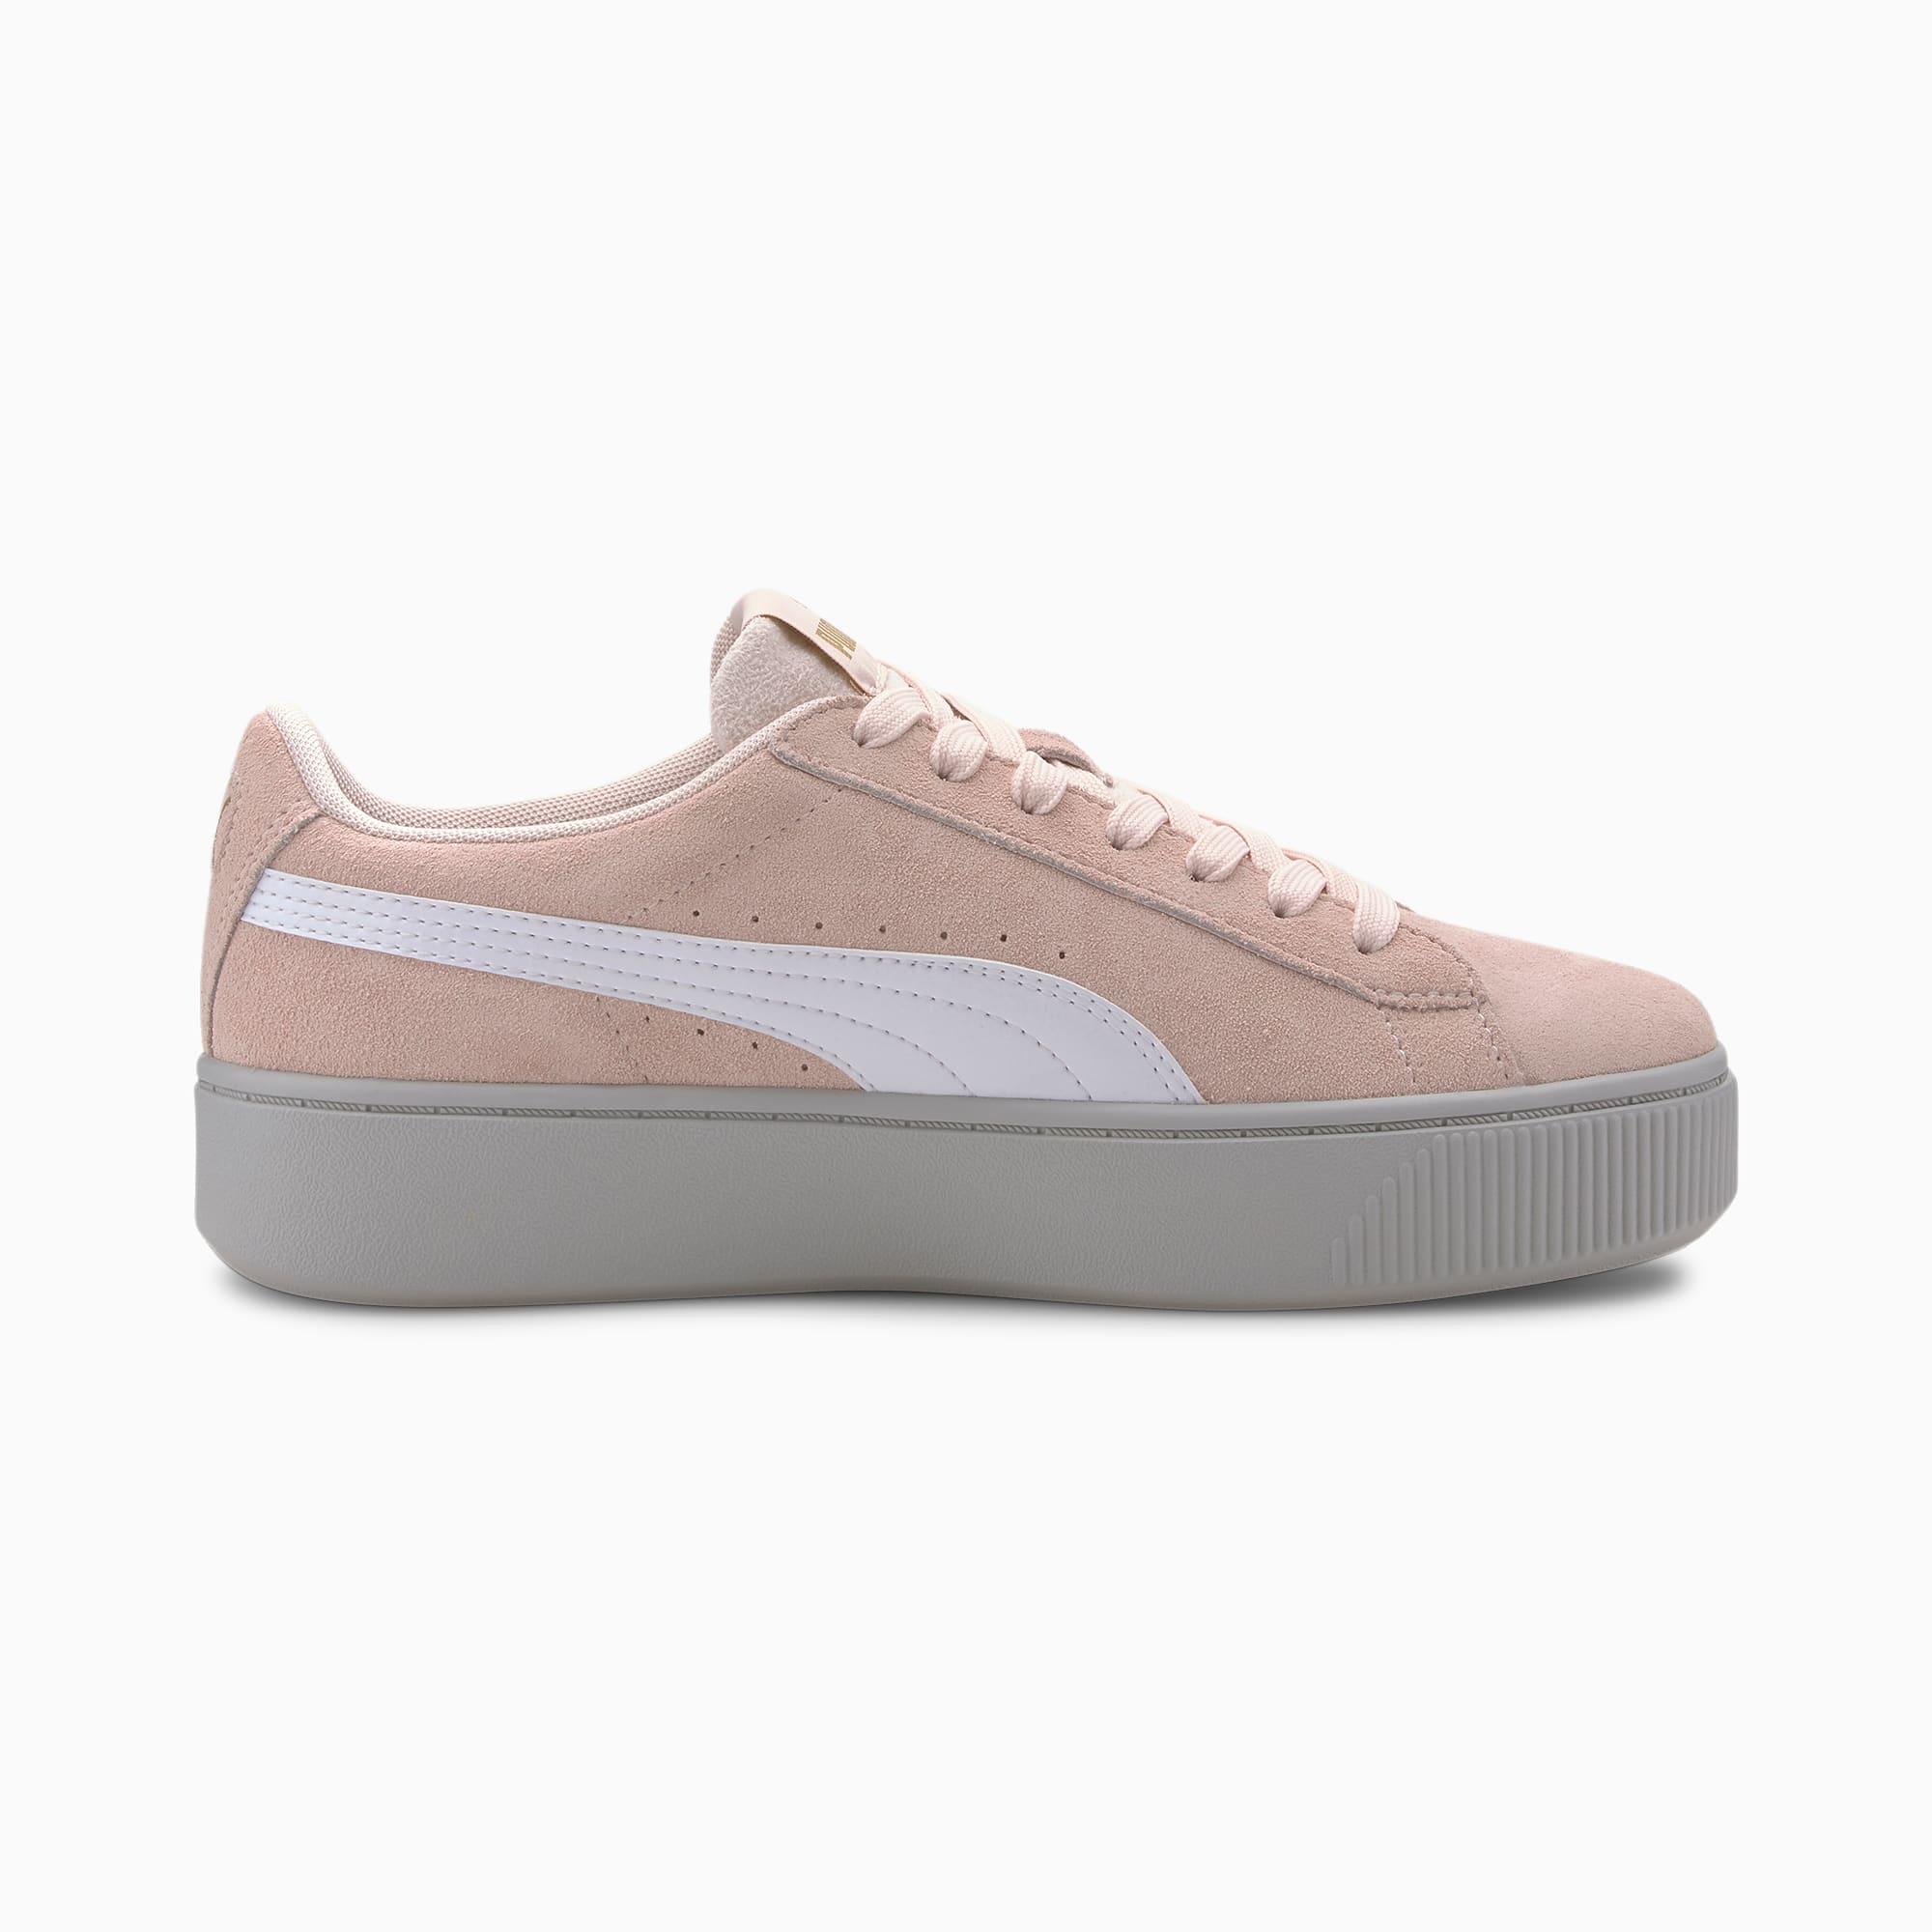 Podwyższone damskie buty sportowe PUMA Vikky